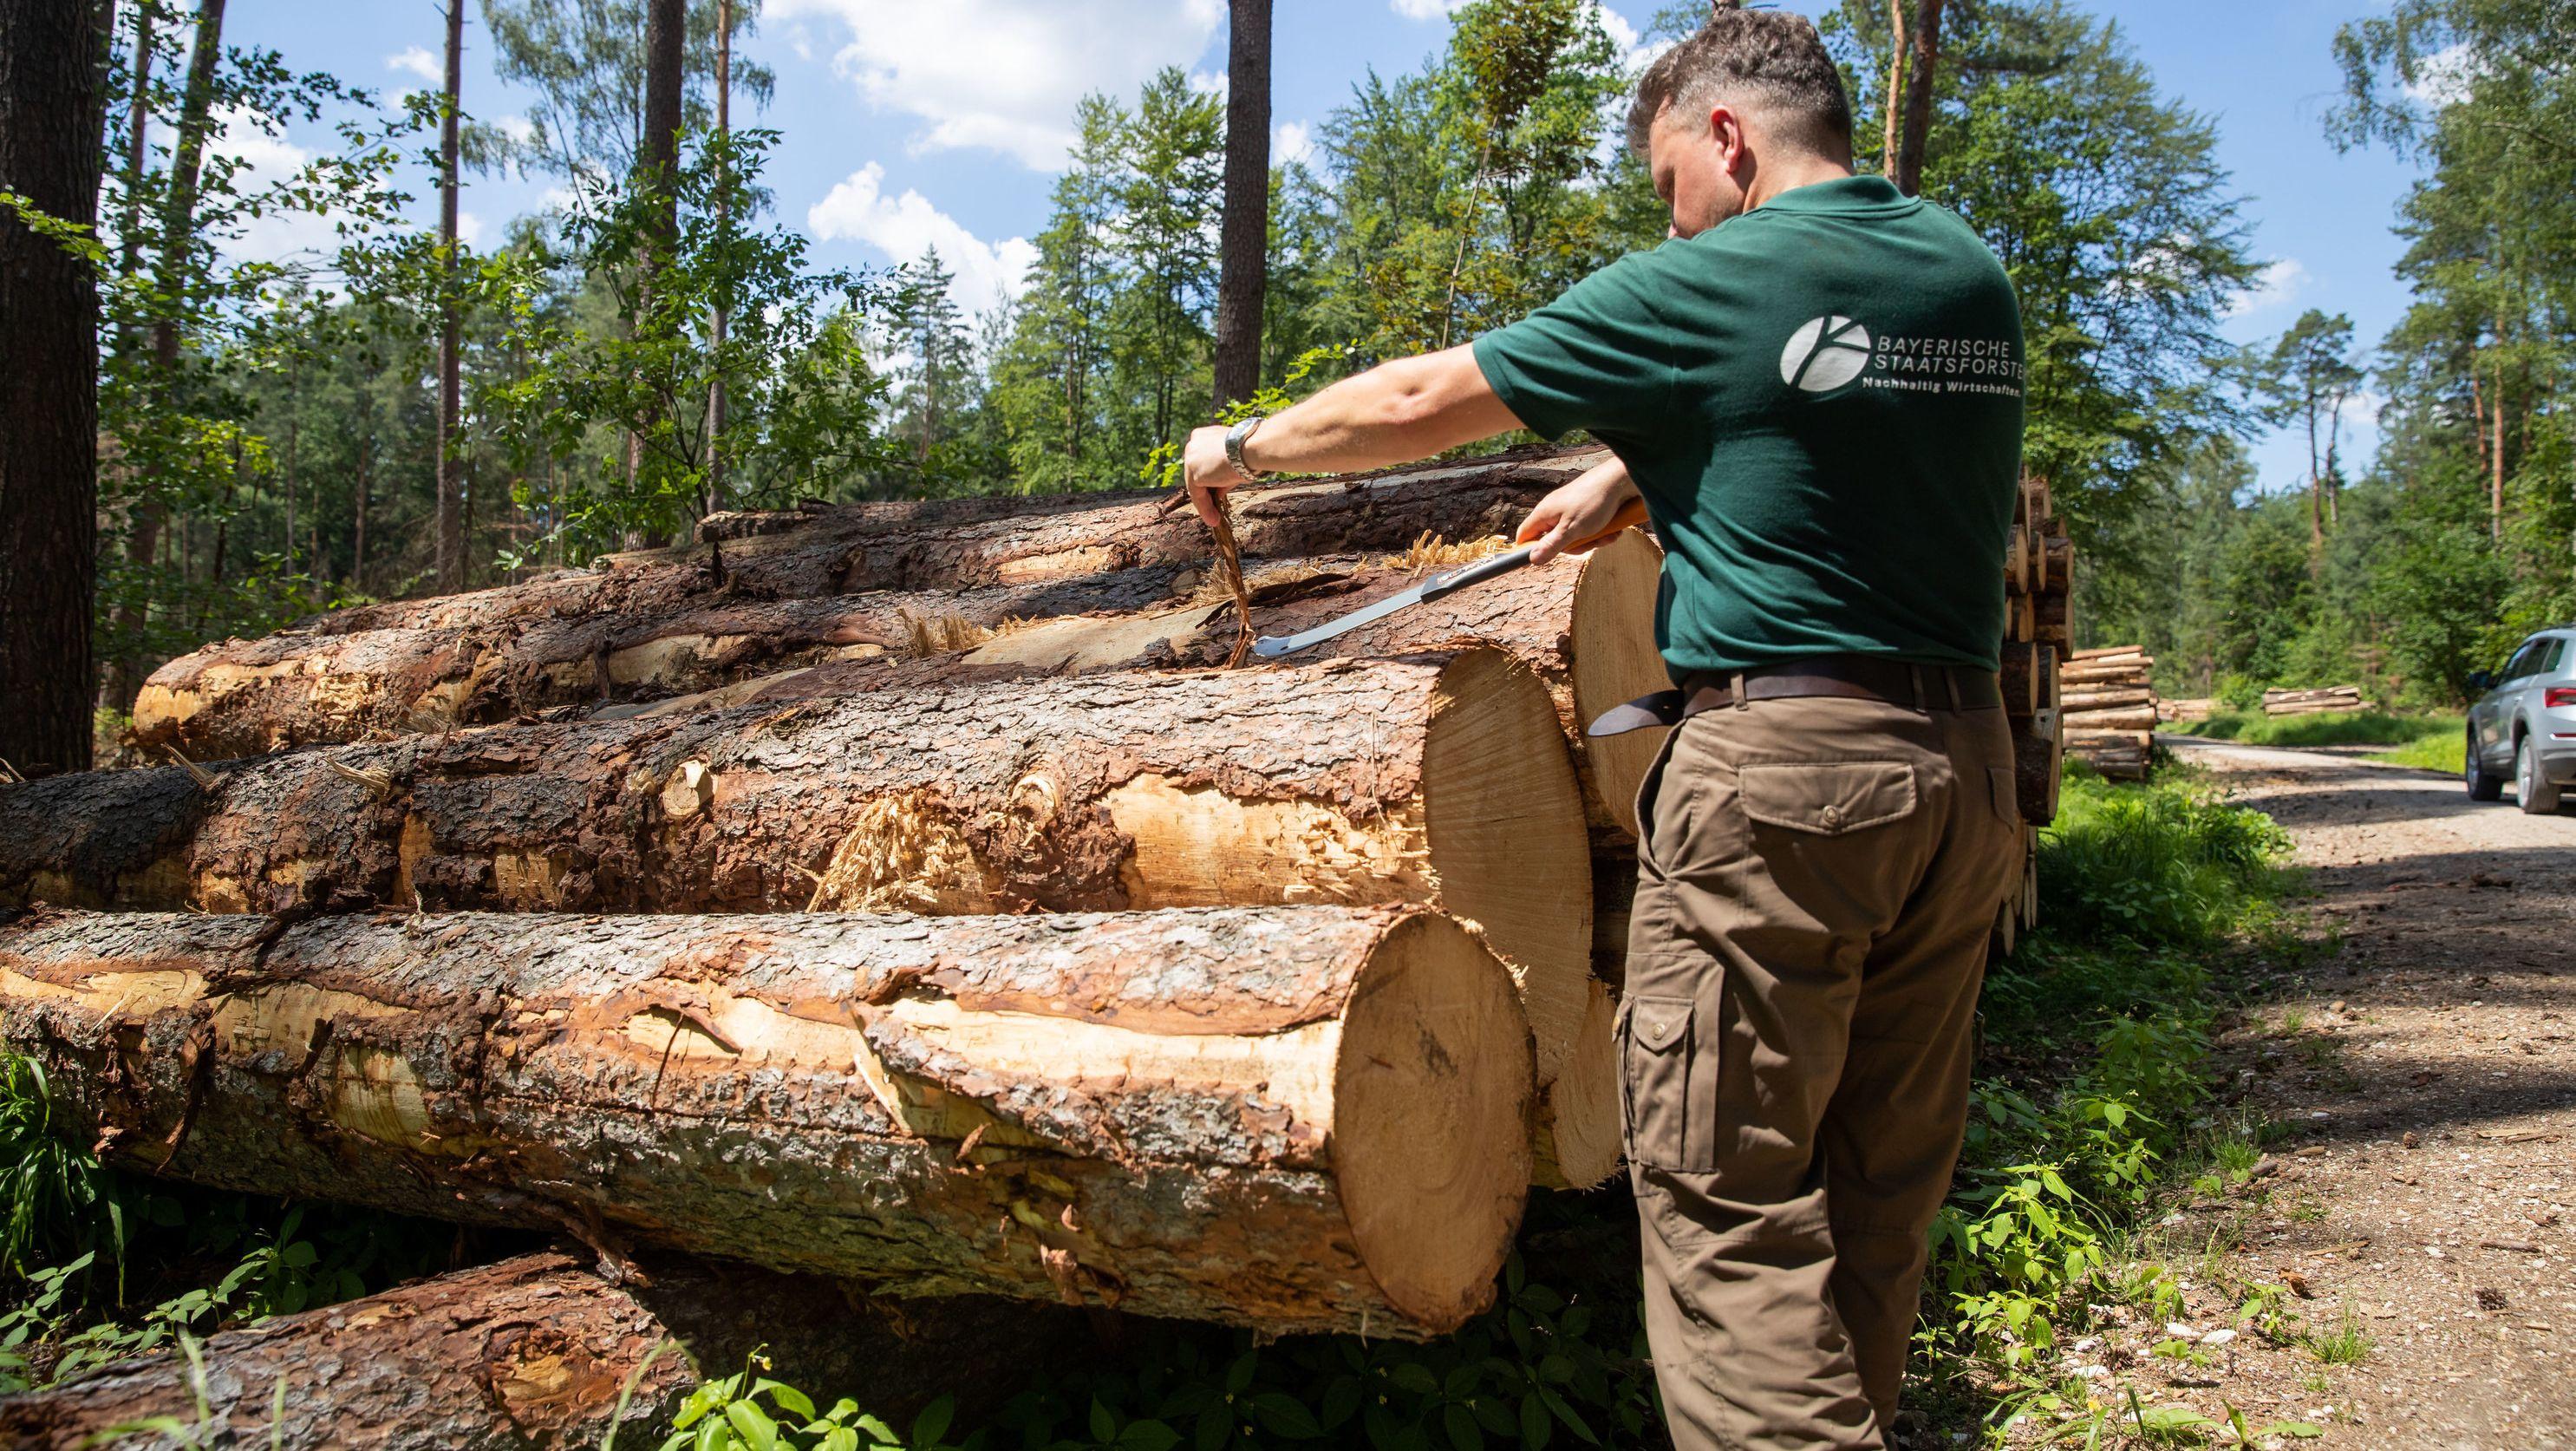 Heiko Stölzner, stellvertretender Leiter des Nürnberger Forstbetriebs, prüft frisch geschlagenes Fichten-Käferholz auf Borkenkäferbefall.